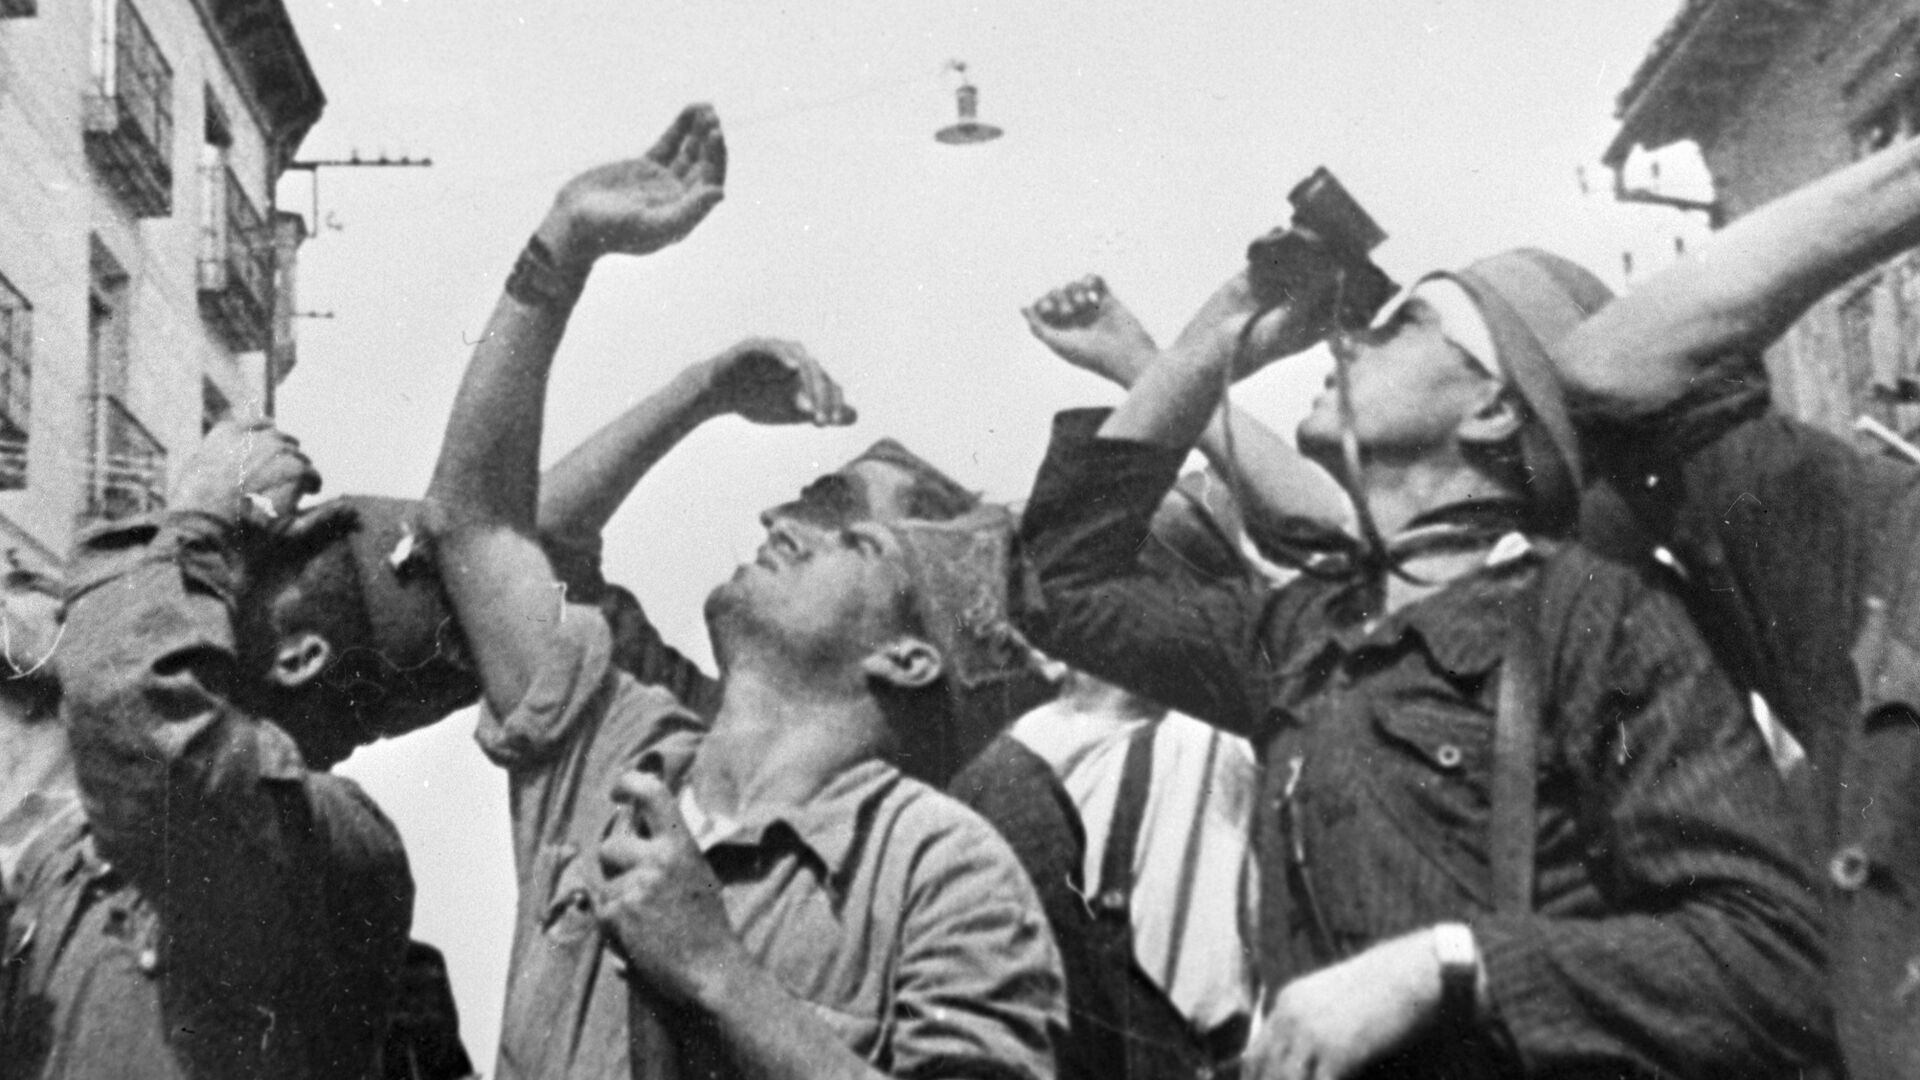 Guerra Civil Española - Sputnik Mundo, 1920, 25.05.2021